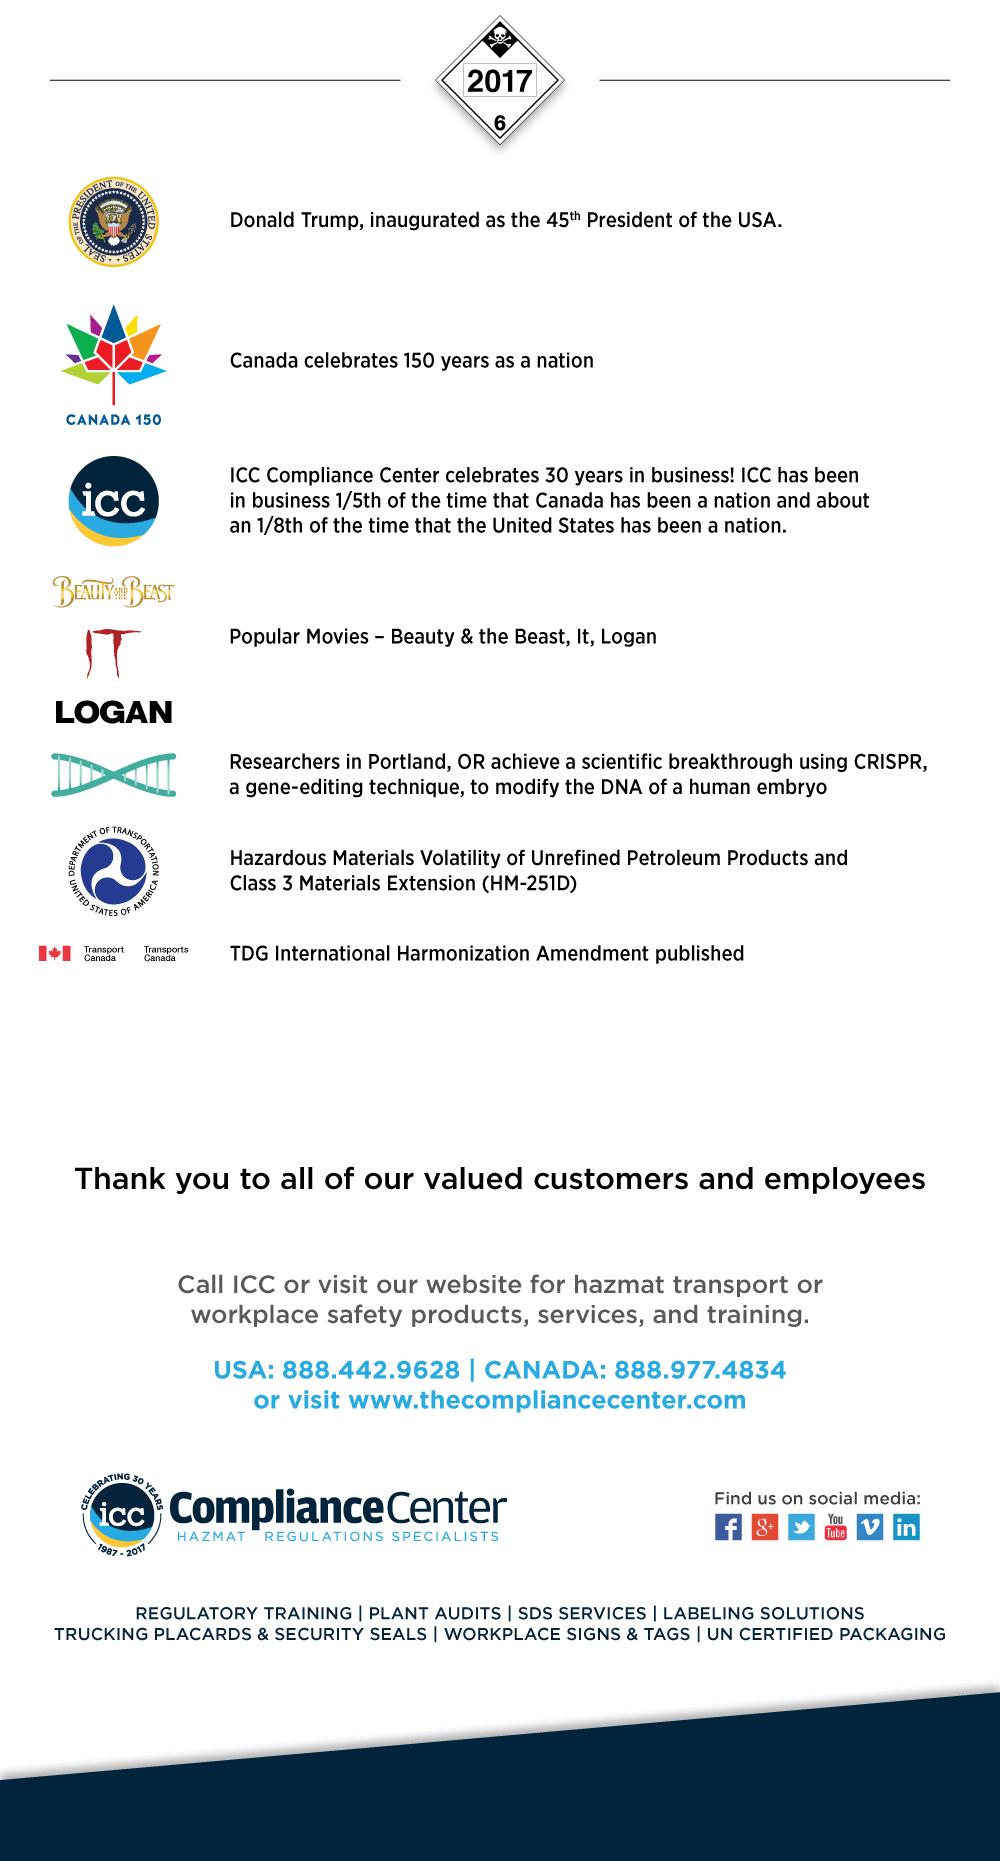 ICC 30 Year Anniversary - 7